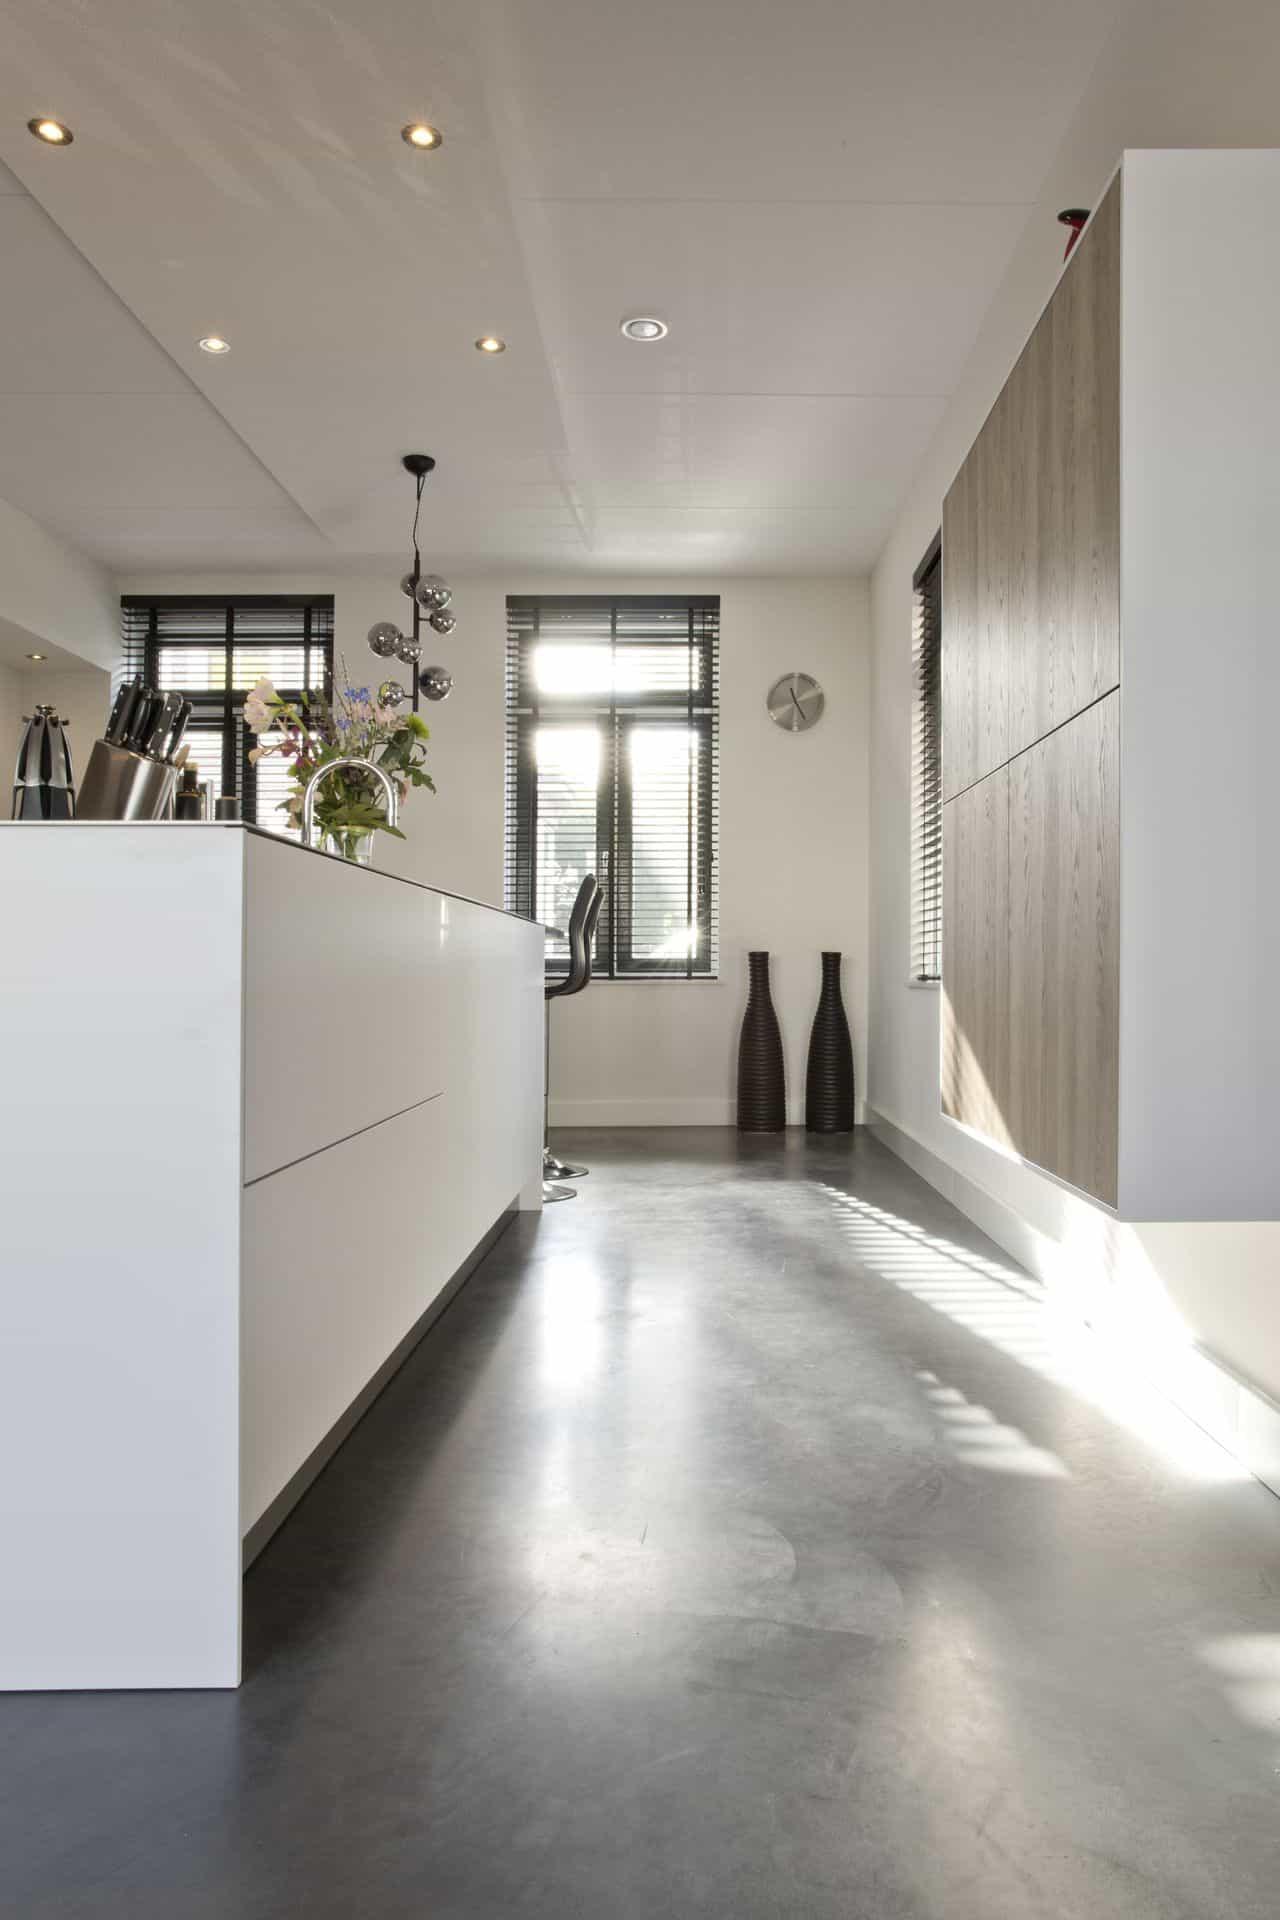 Betonvloer in witte keuken